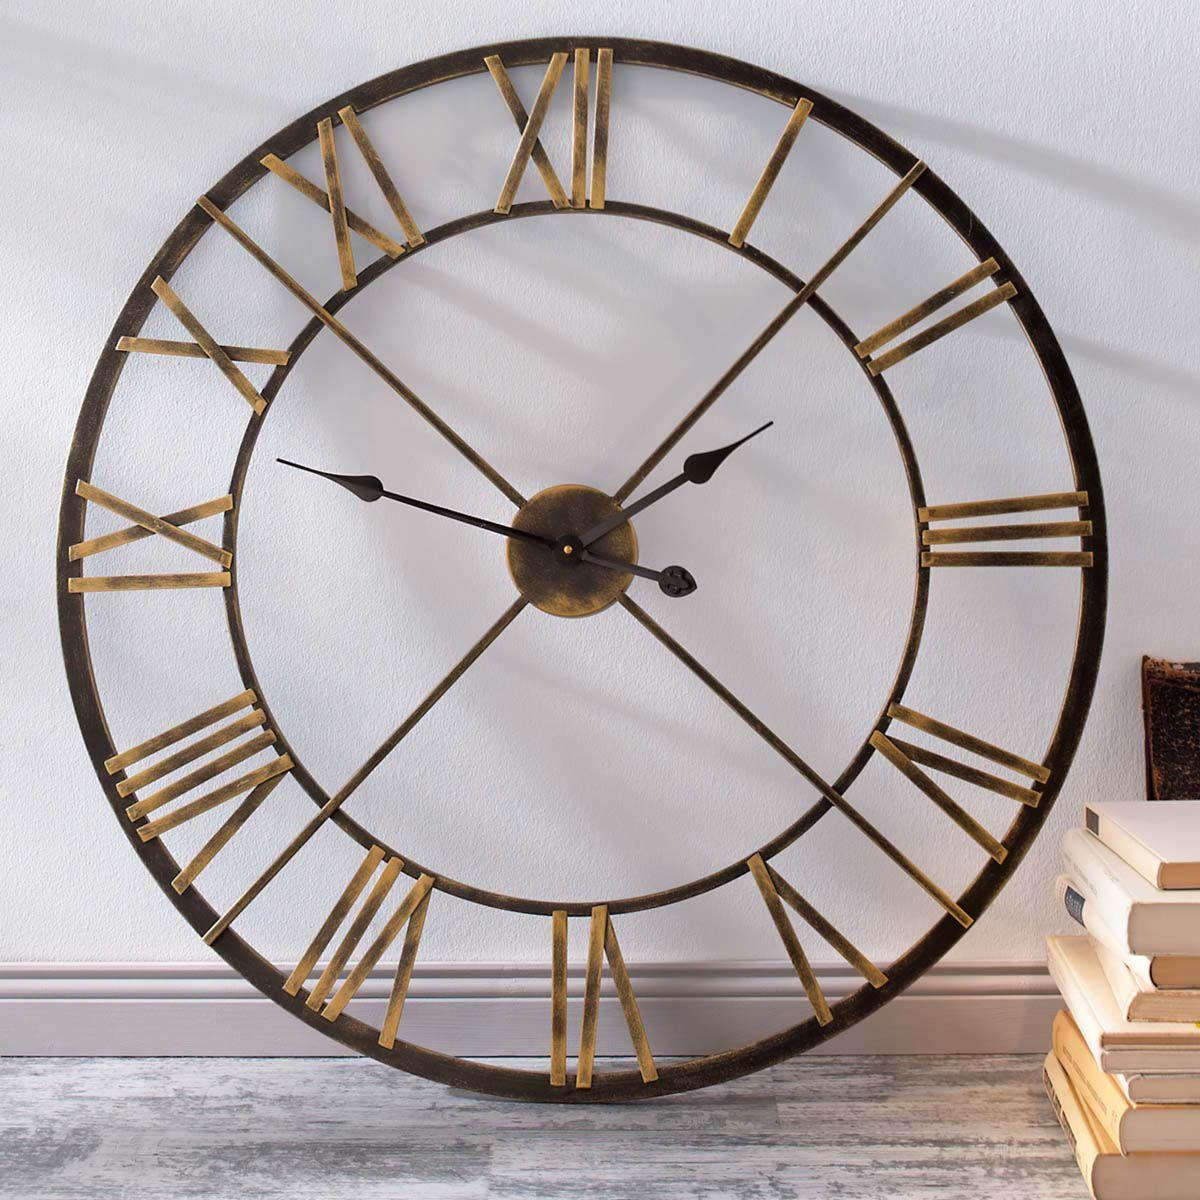 Top 17 Big Wall Clock Designs Big Wall Clocks Wall Clock Design